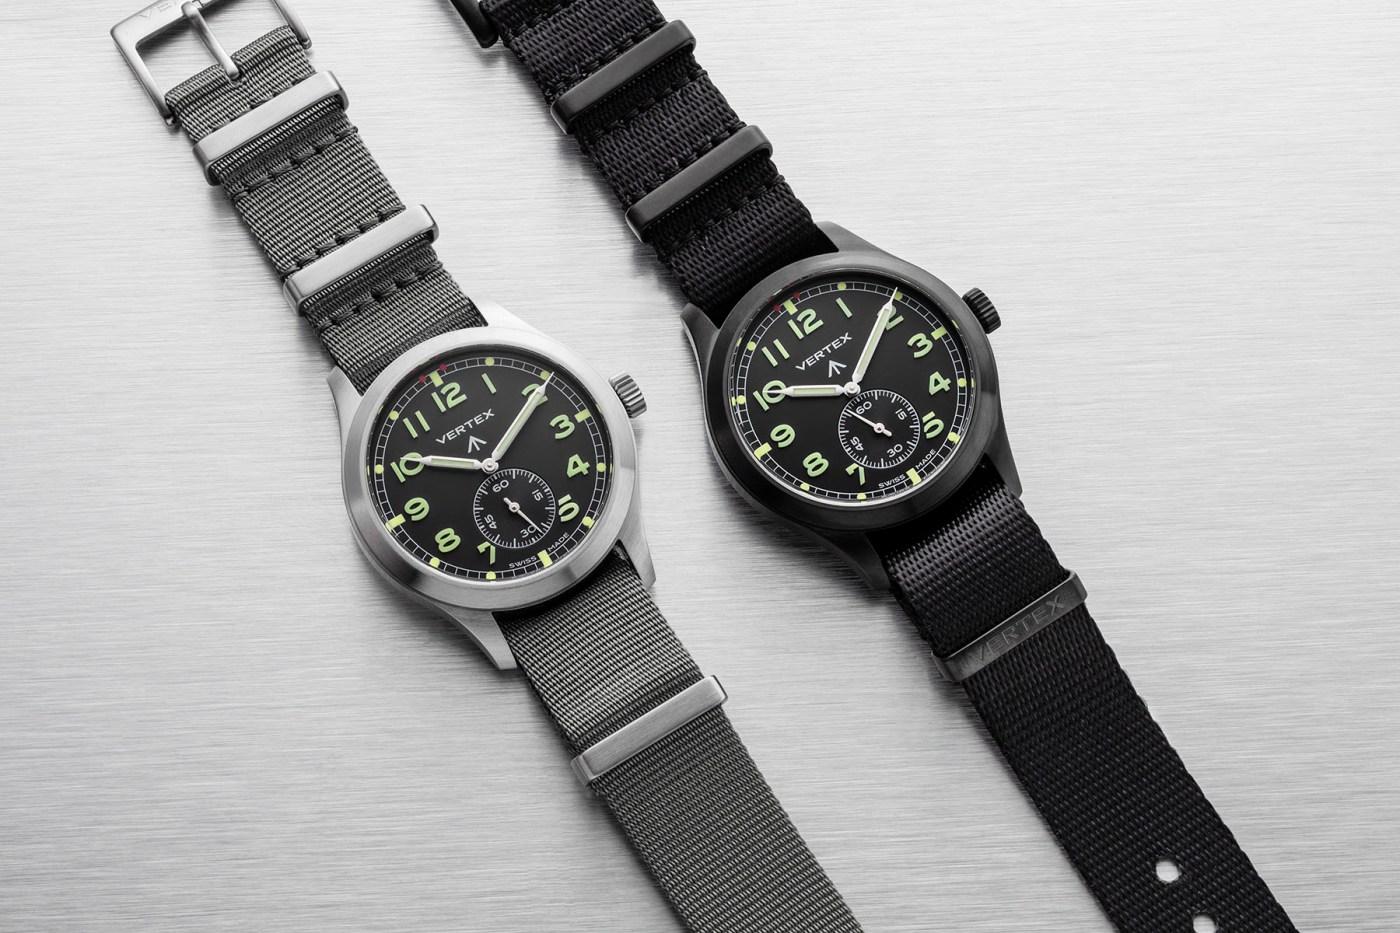 Vertex M100 and M100B